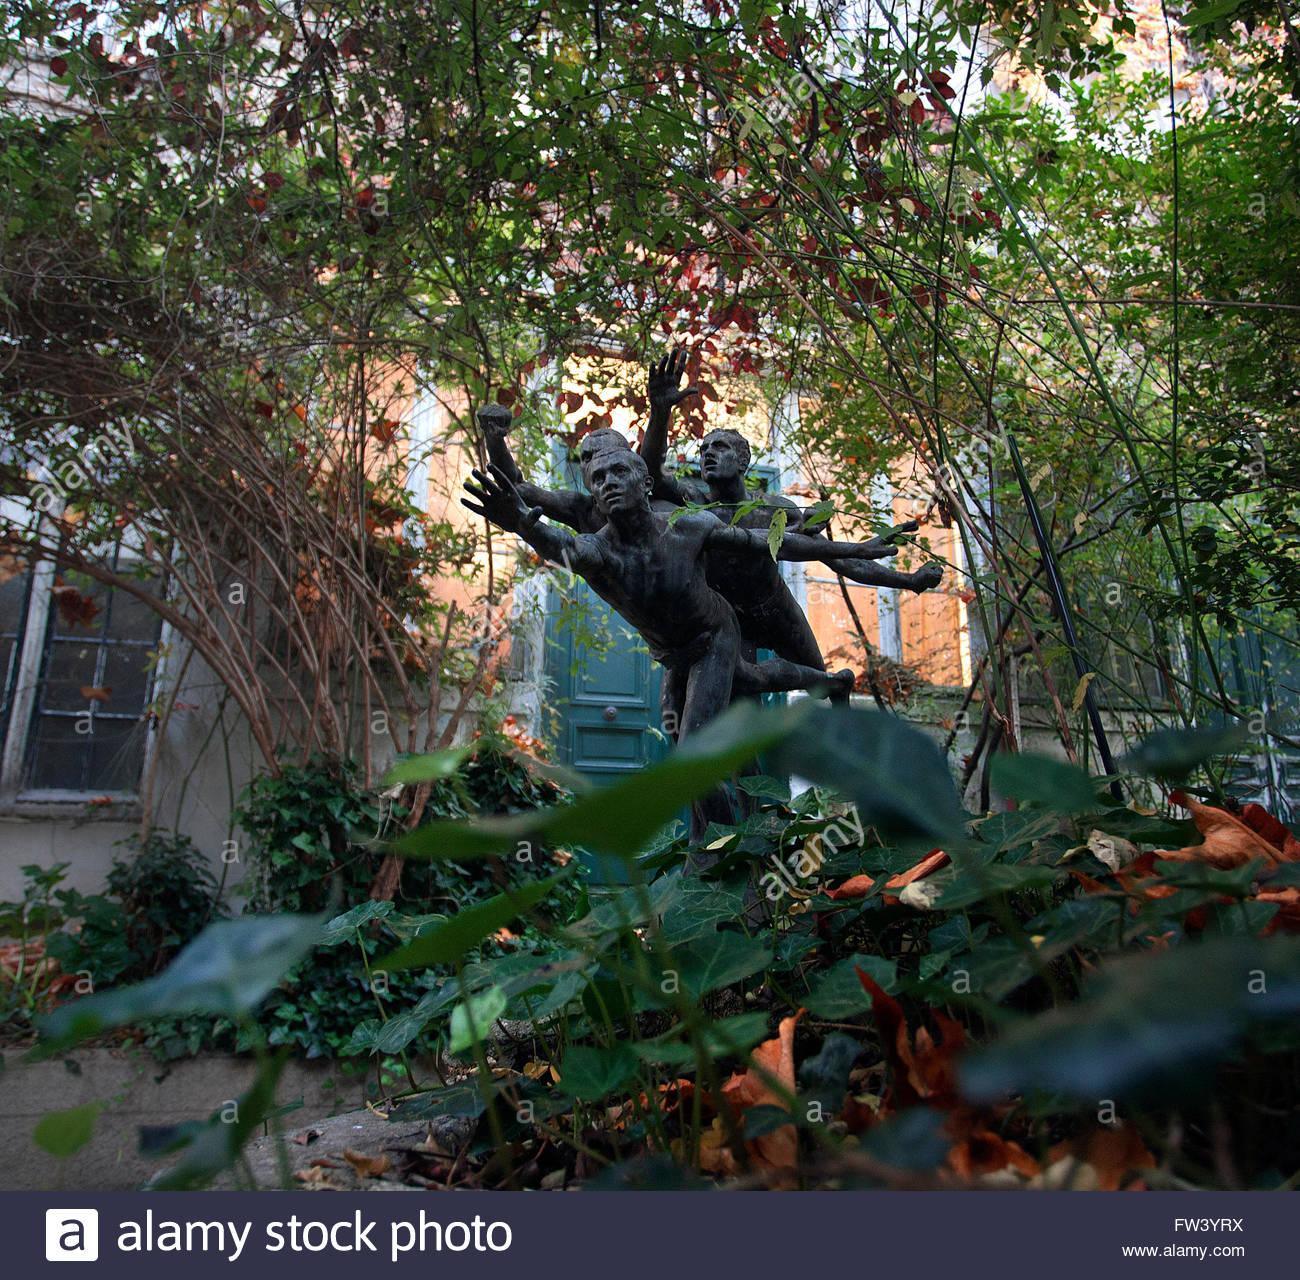 La Ruche, Cite des Artistes, quartier Saint Lambert, Paris 15e - Stock Image